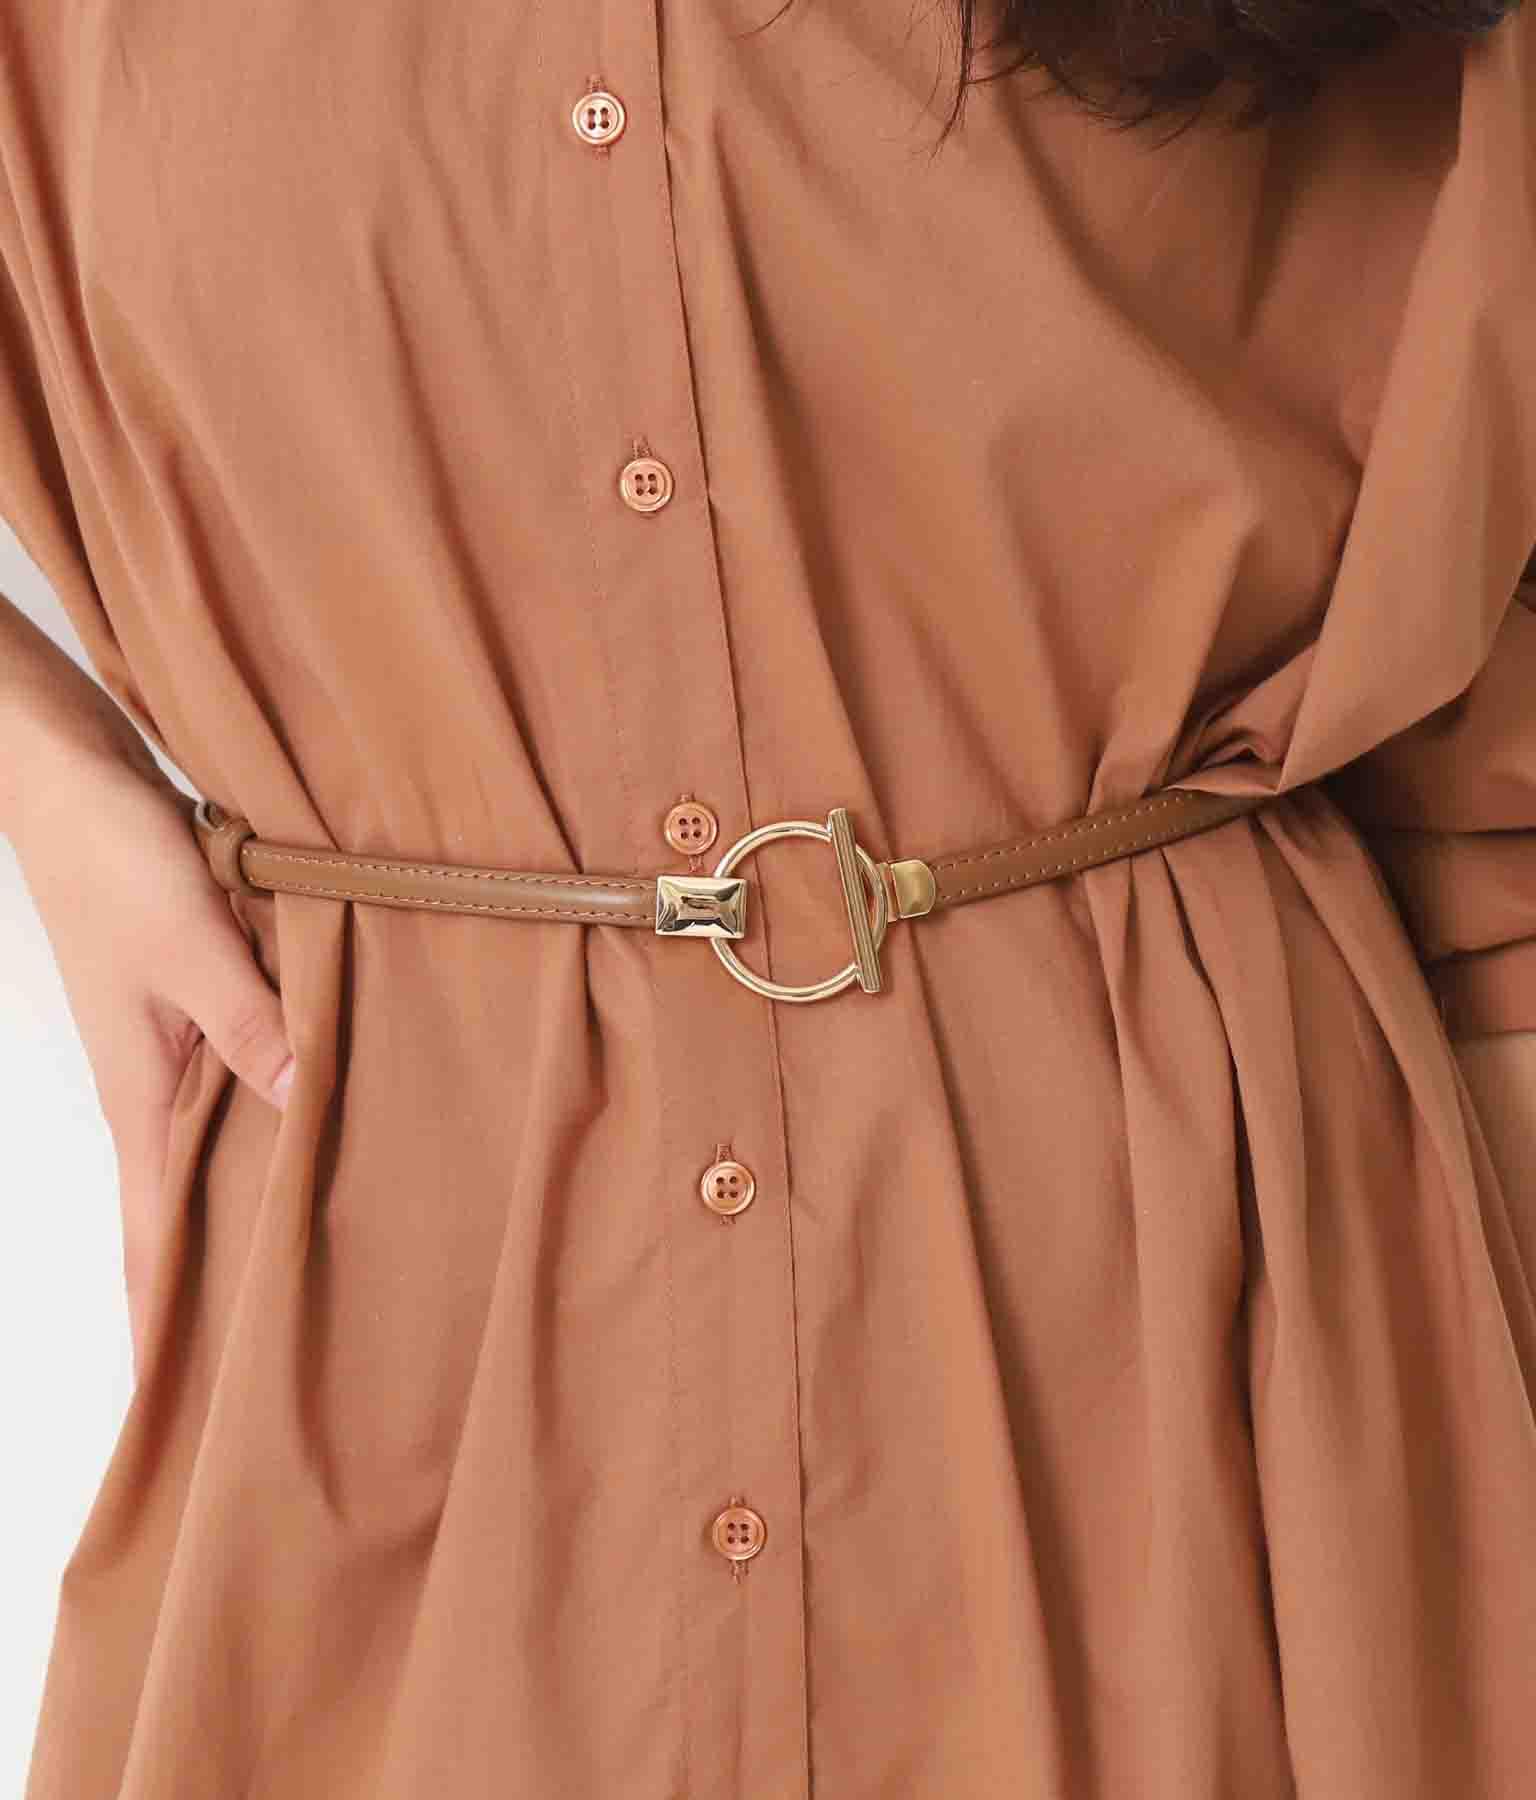 リングデザイン細ベルト(ファッション雑貨/ベルト) | Alluge